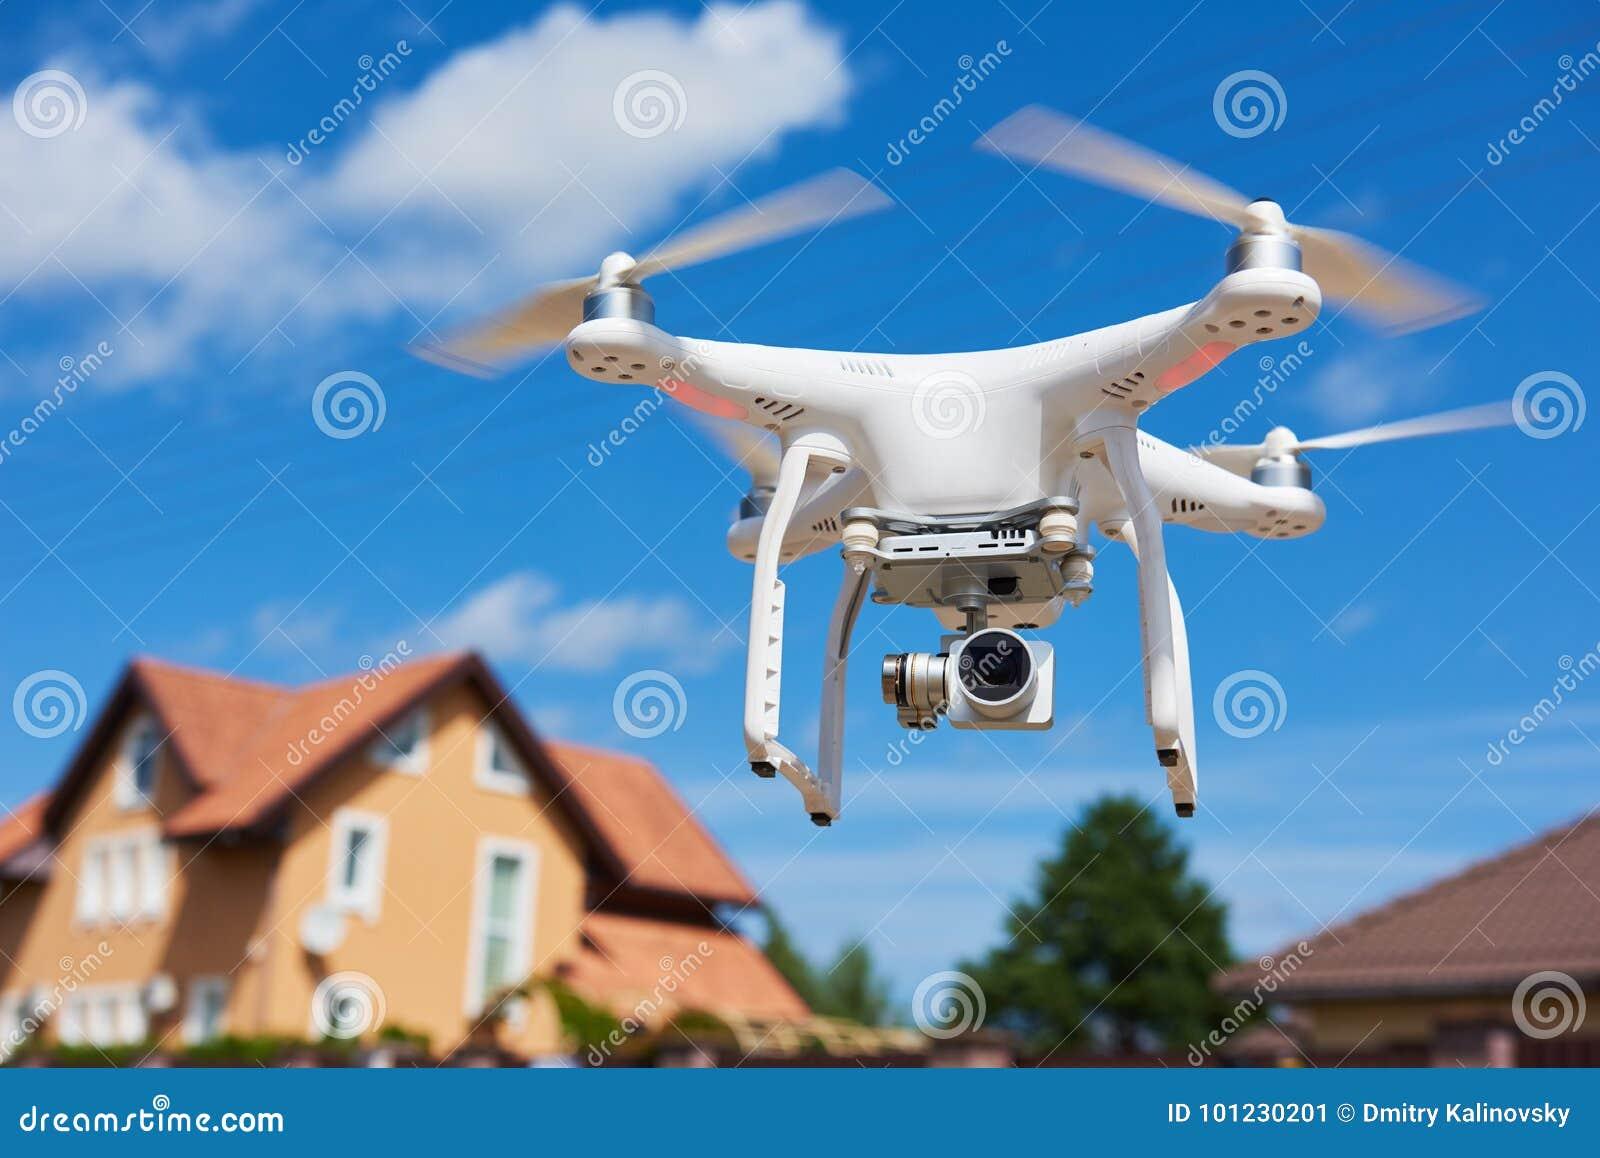 Uso del fuco protezione della proprietà privata o controllo del bene immobile